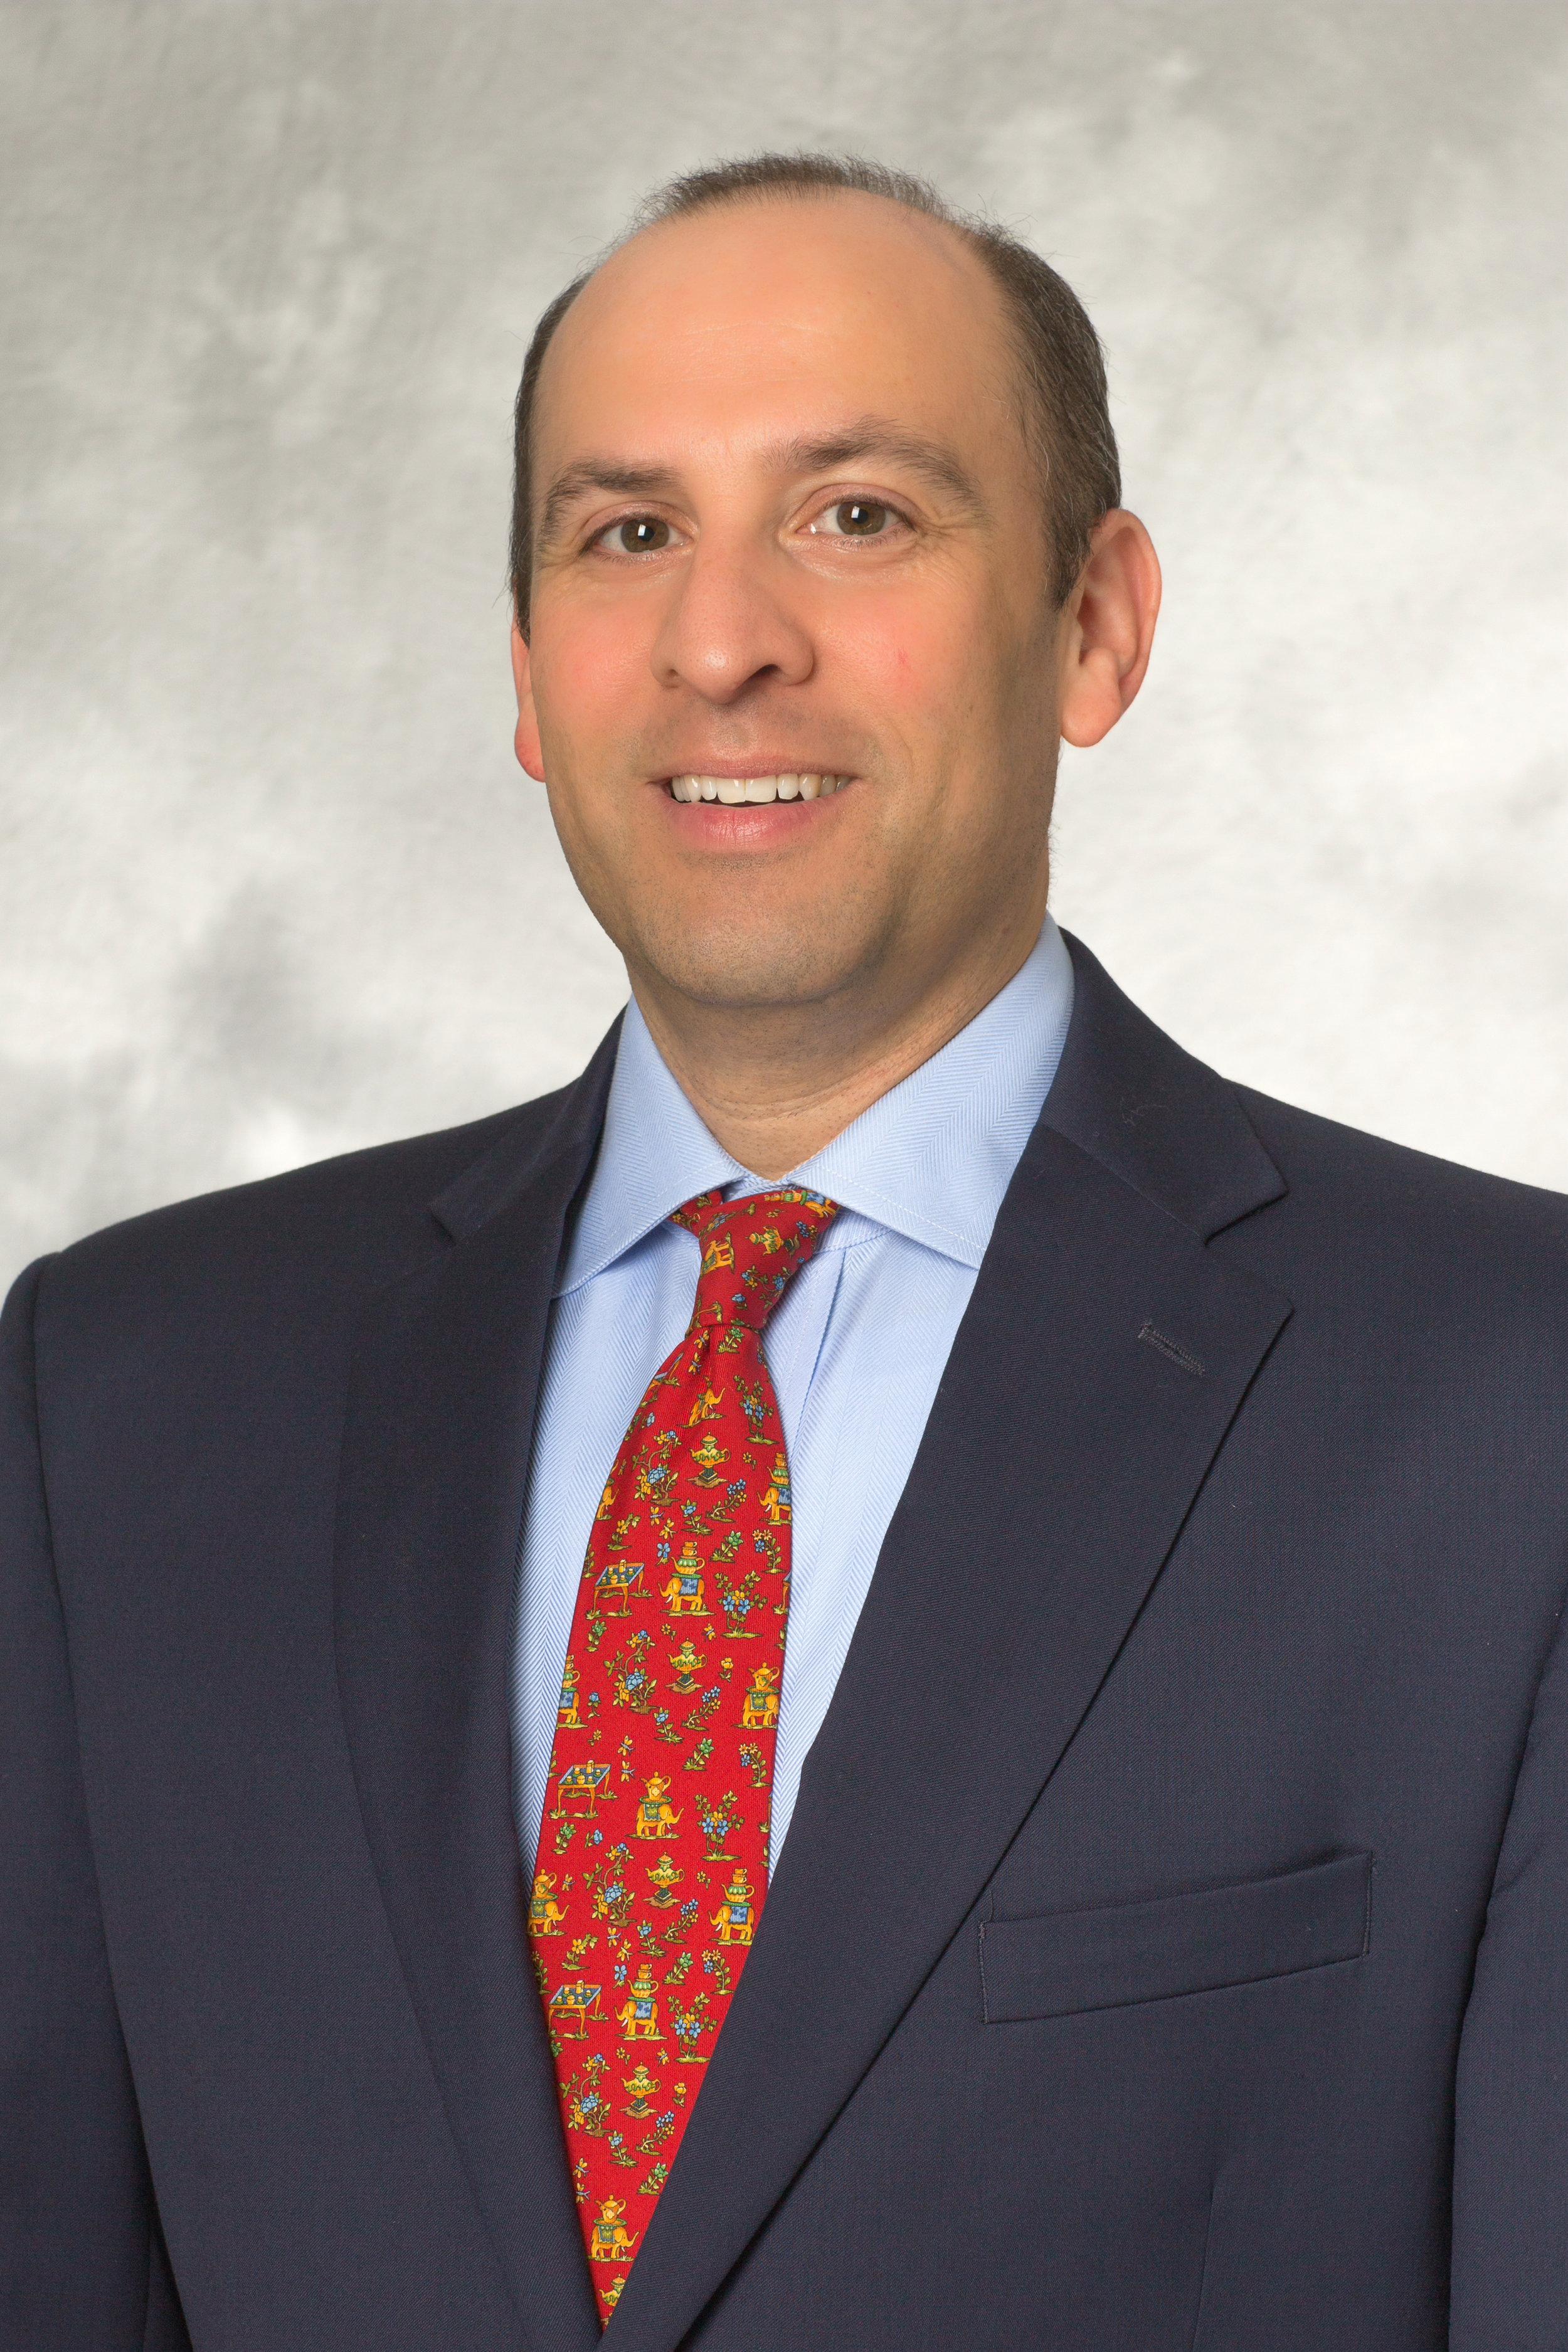 Adam Bergman, Wells Fargo CleanTech Banking